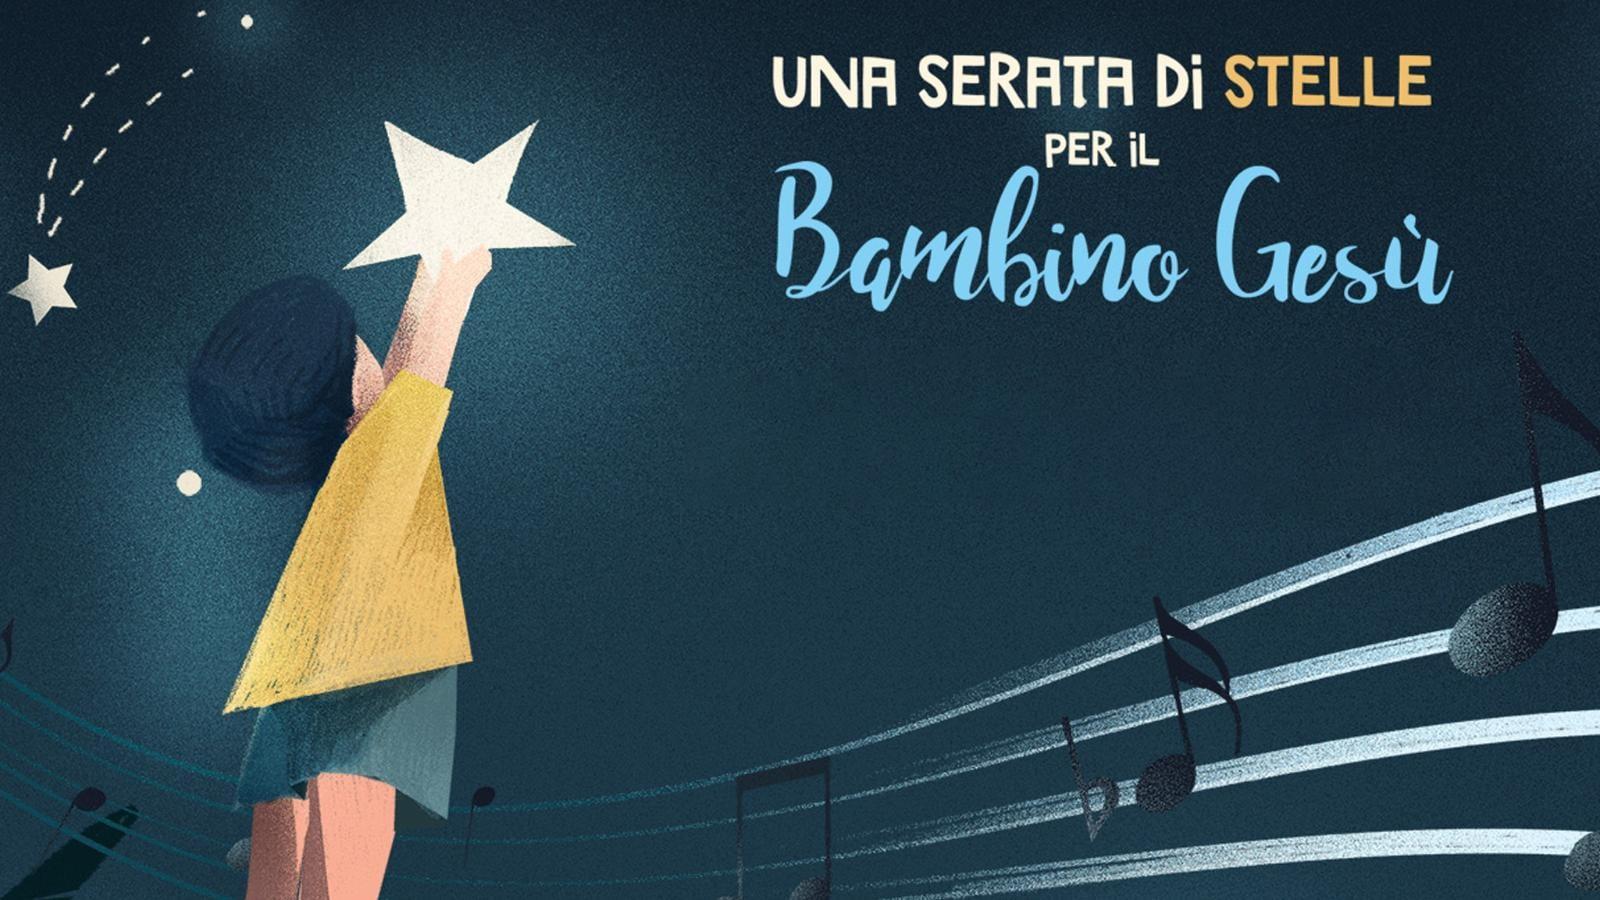 TV, Rai1. Una serata di stelle per il Bambino Gesù: da Mahmood ad Elodie, tutti i cantanti ospiti della serata